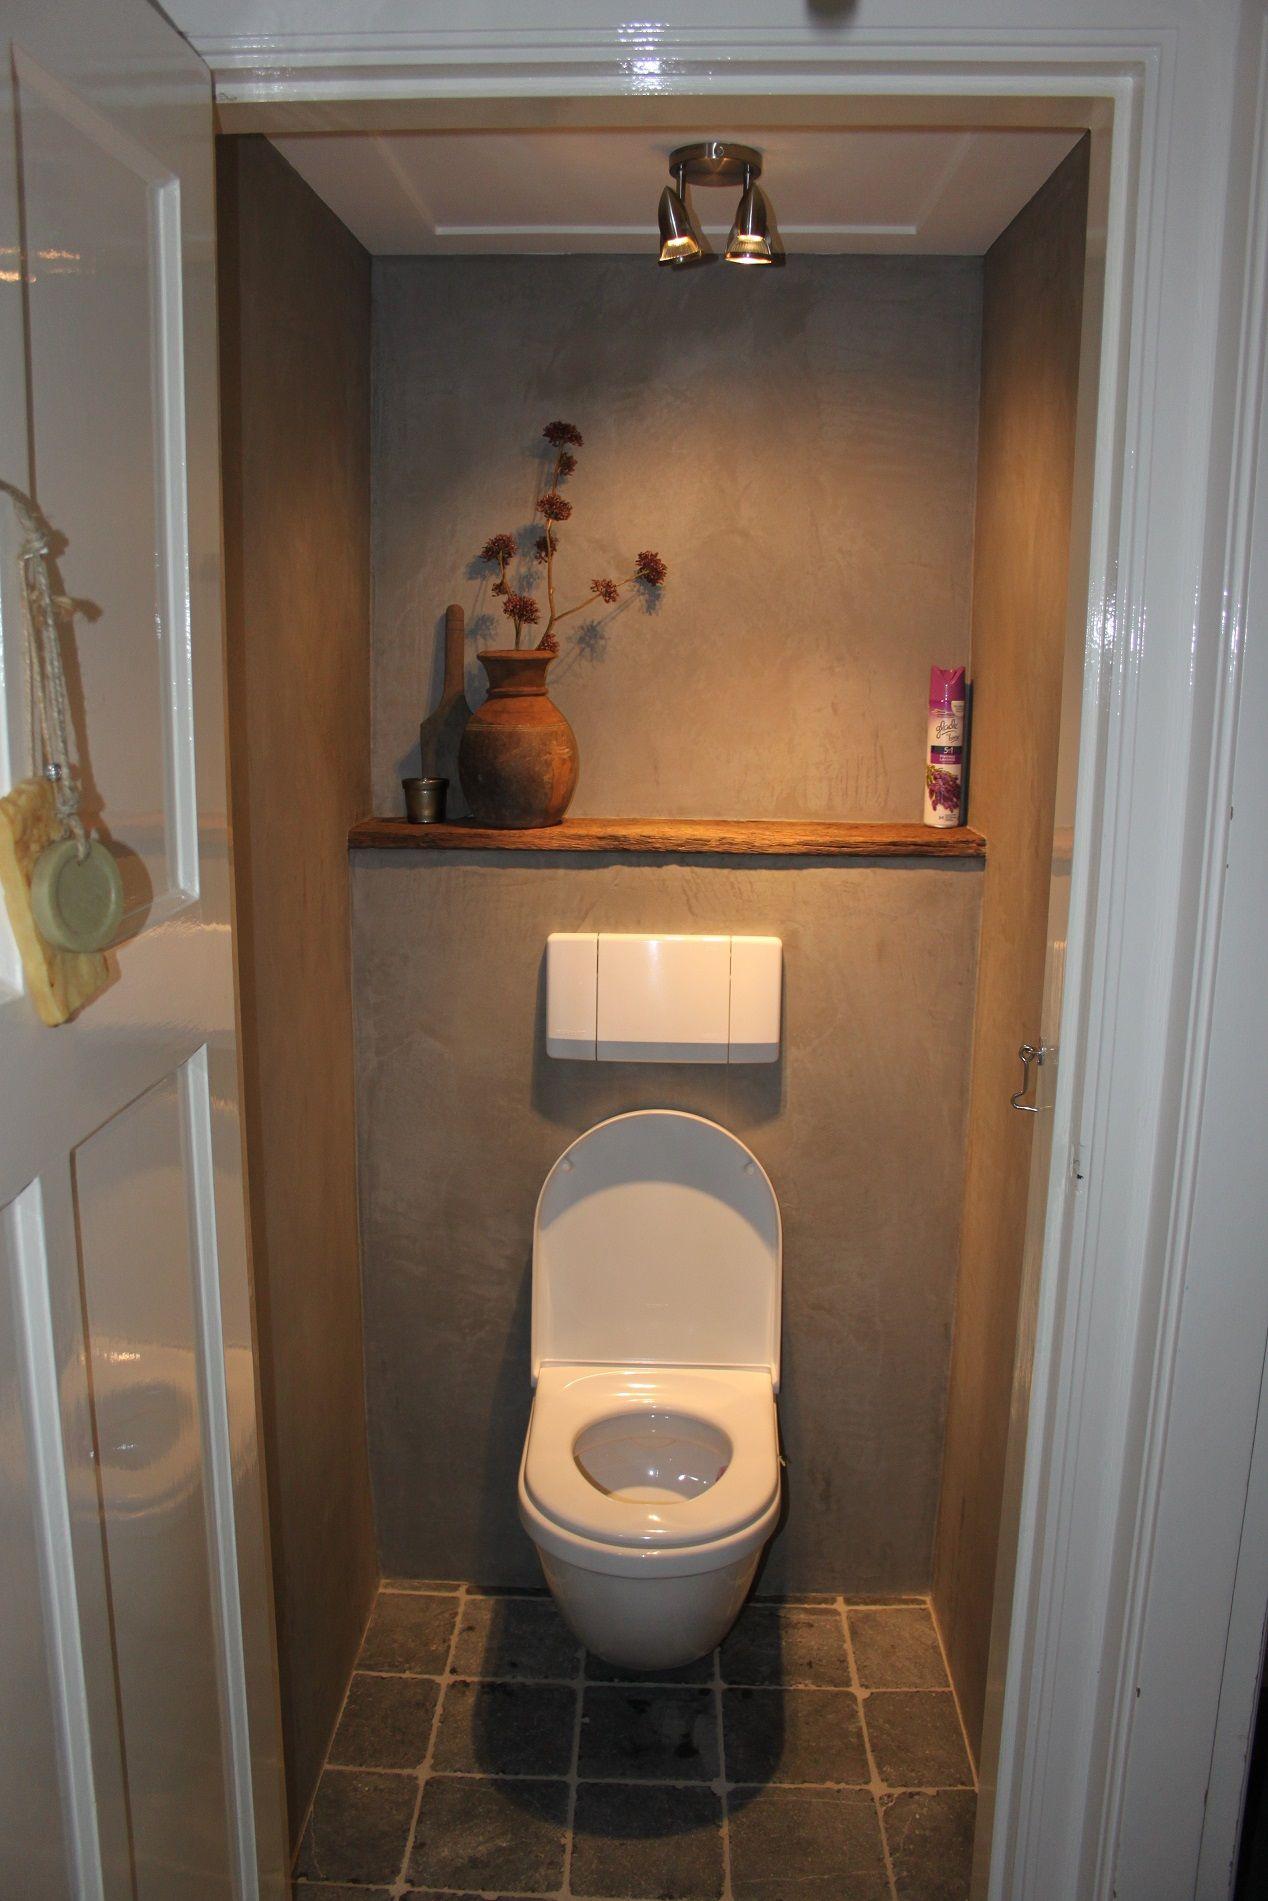 beal mortex toilet, mooi met die houten plank | home toillet room ...